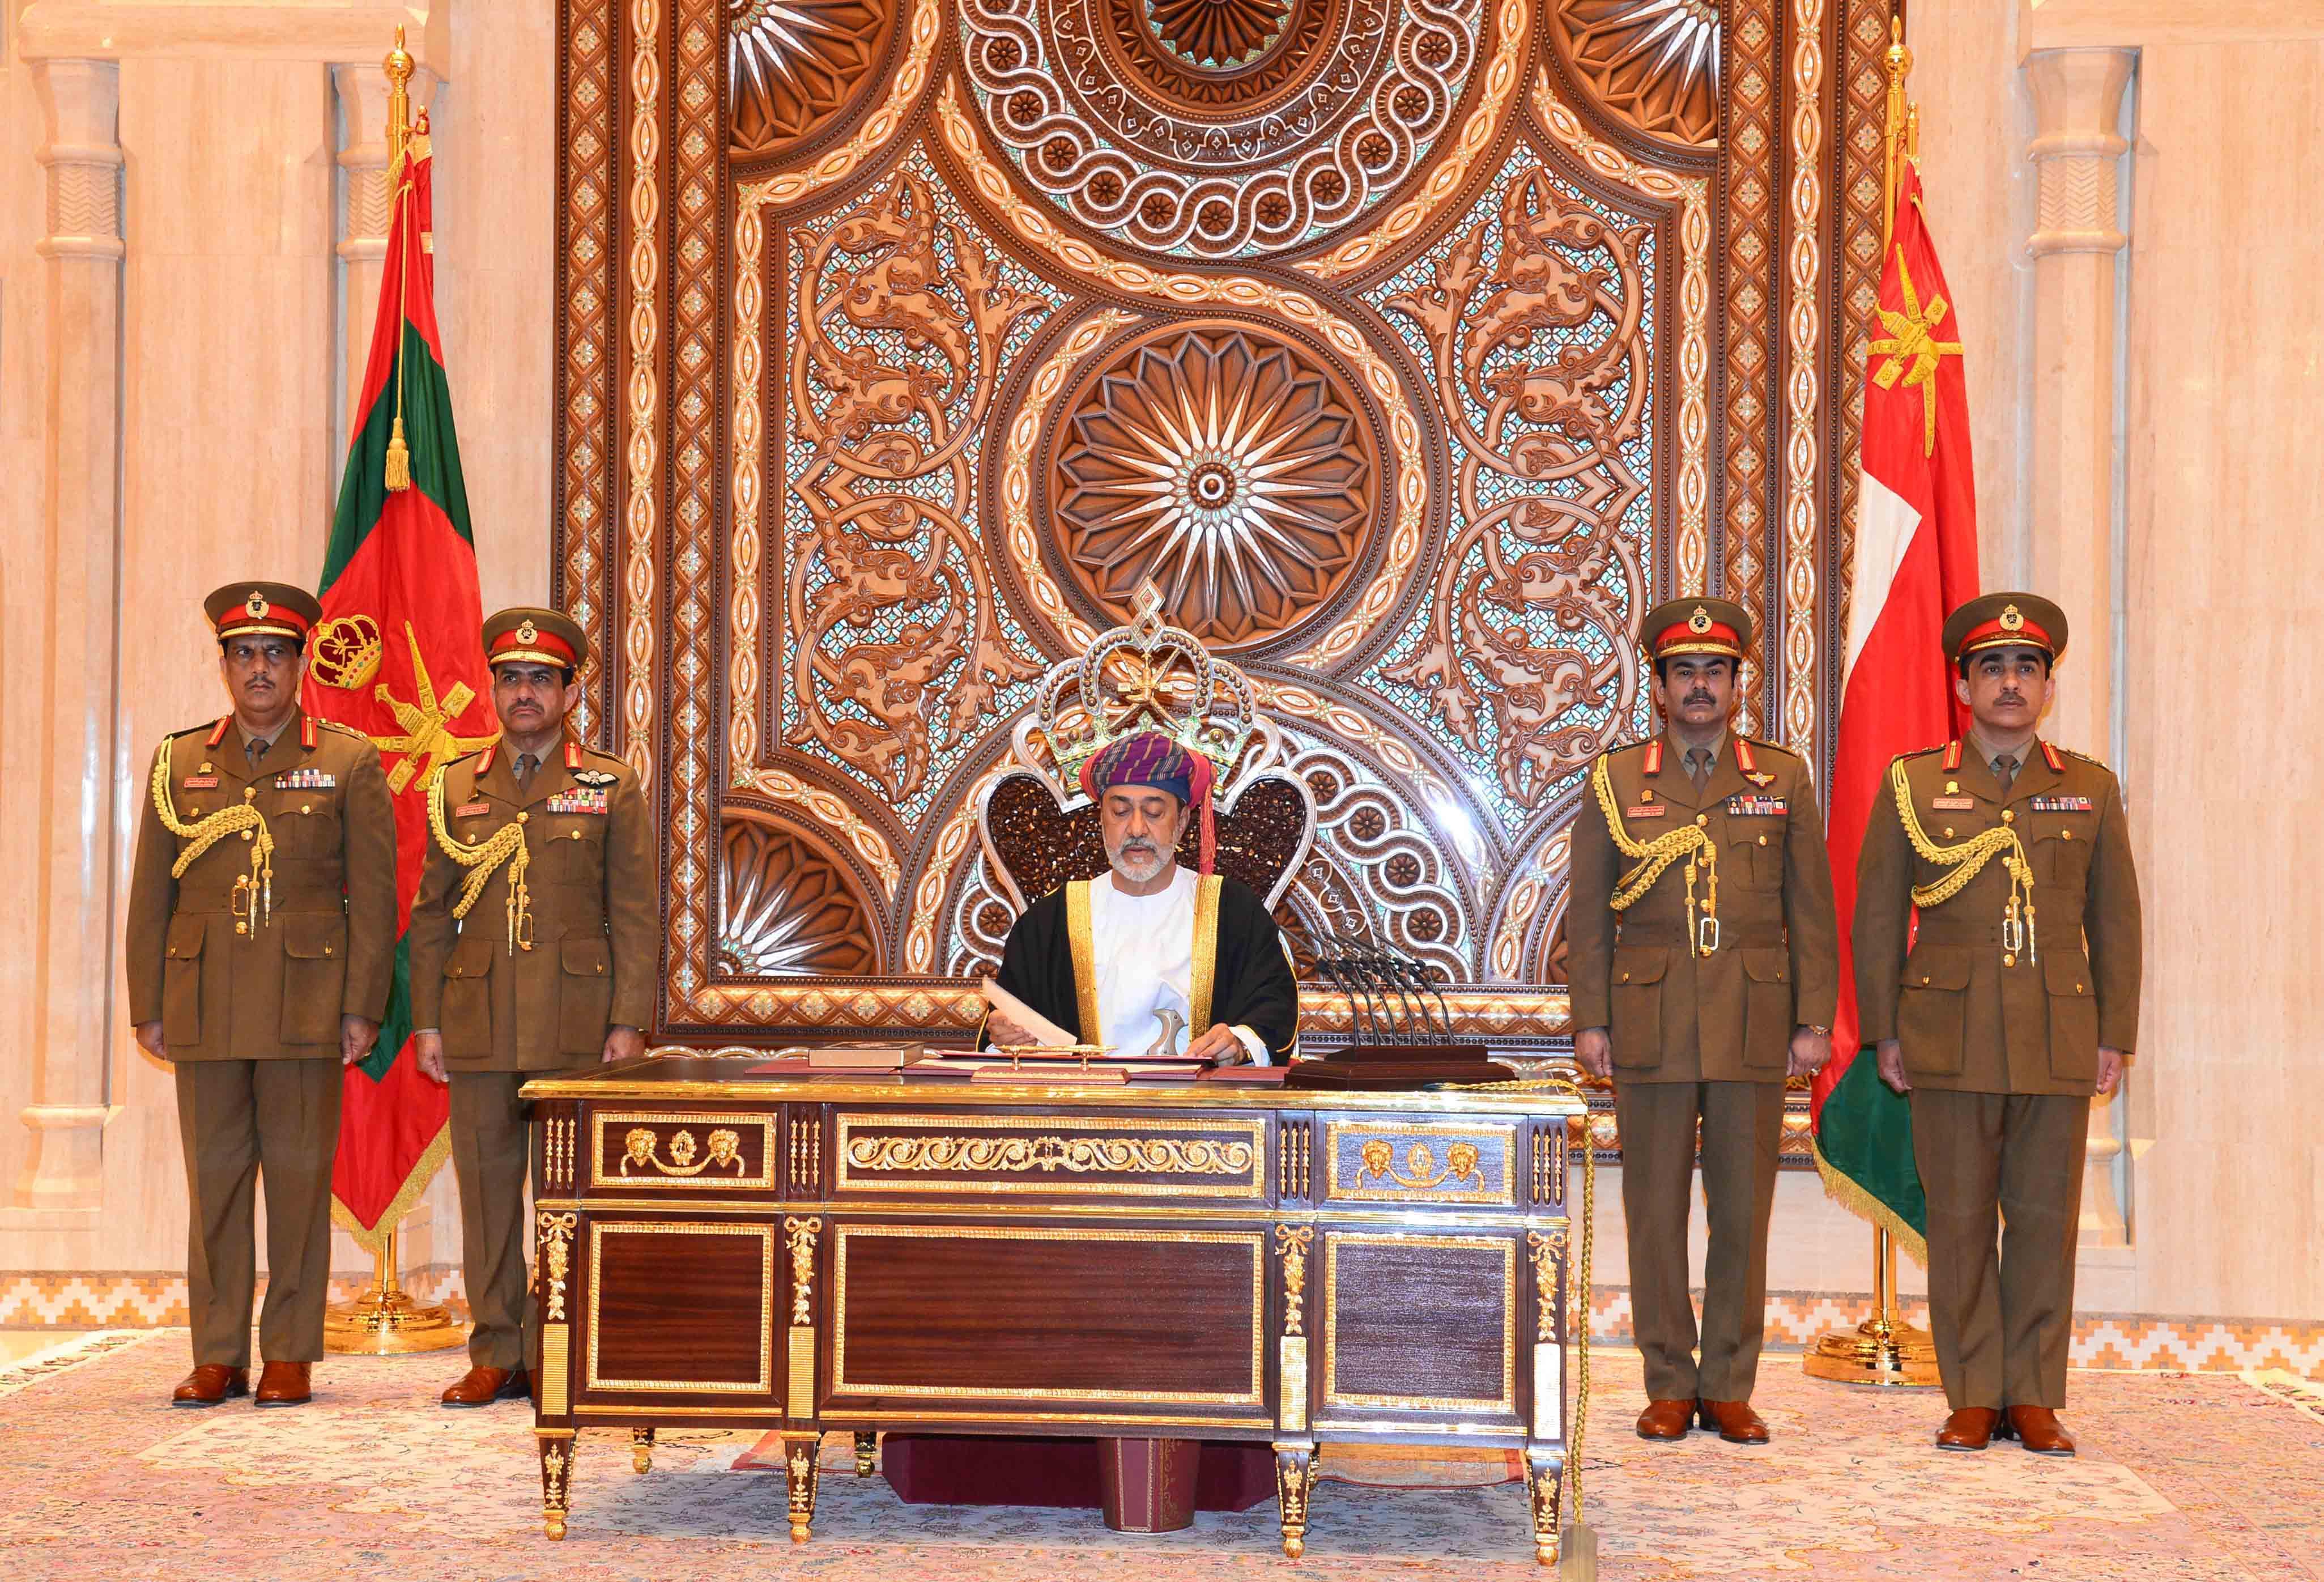 إشادة دولية بالنهج التنموي السديد لجلالة السلطان المعظم